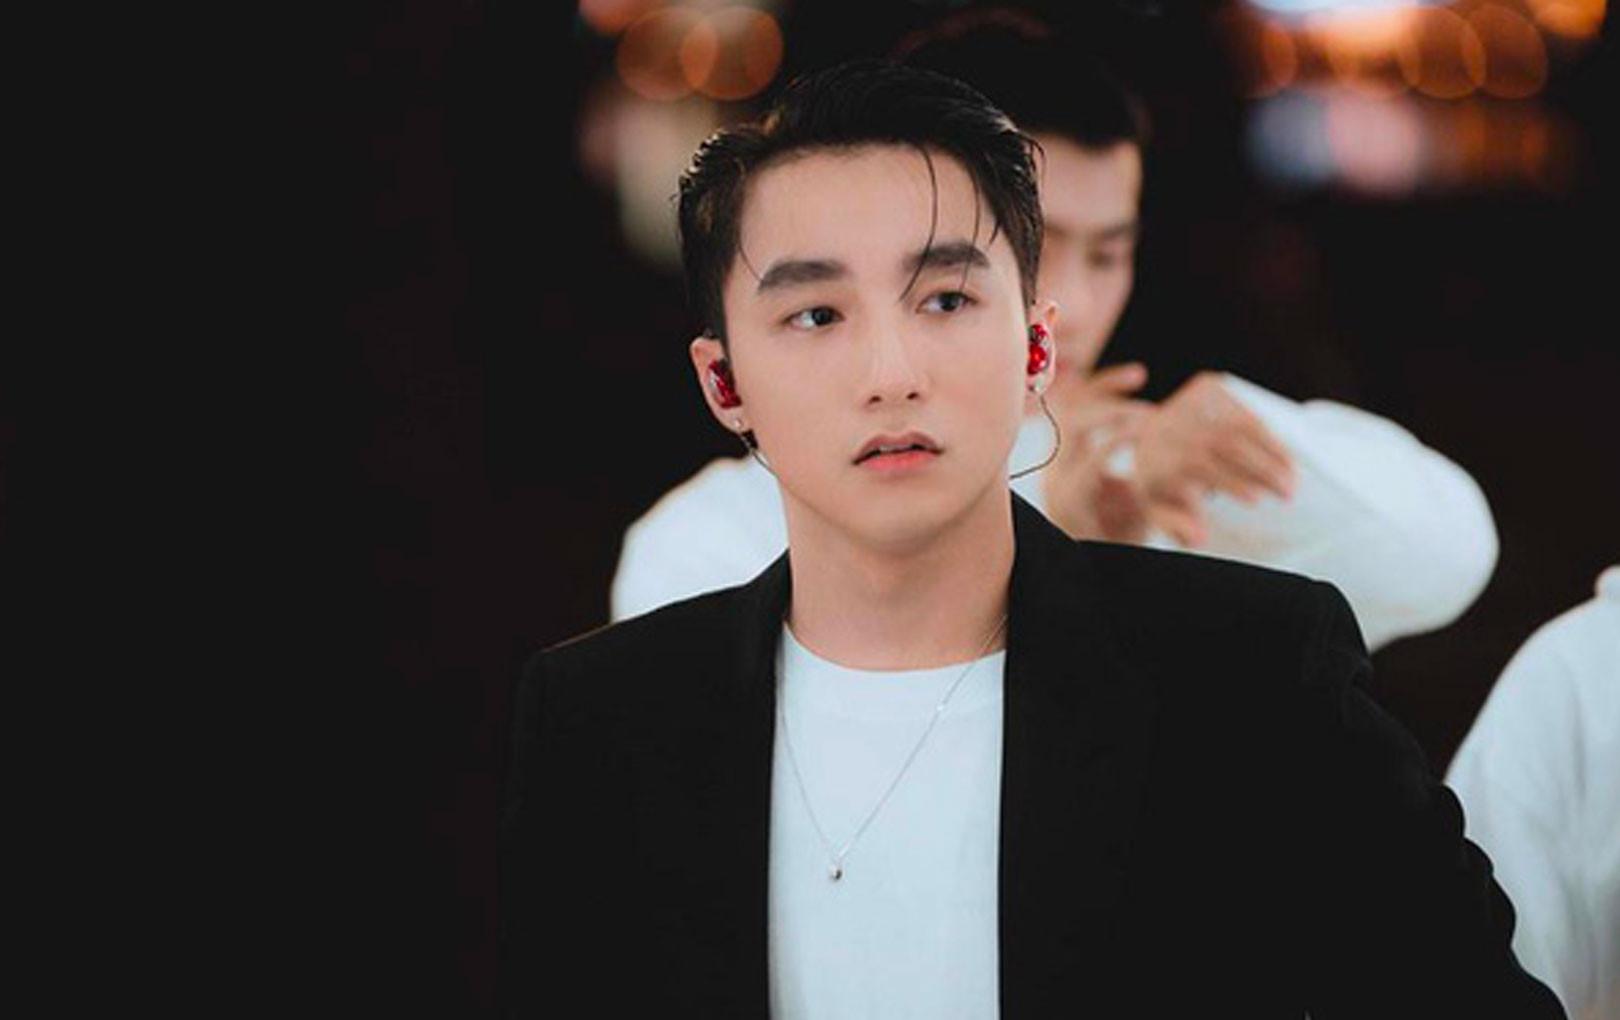 """Sơn Tùng M-TP tiết lộ ca khúc mới trước hàng nghìn khán giả: """"Có ai ở đây đang chờ ca khúc mới của Tùng không nhỉ?"""""""